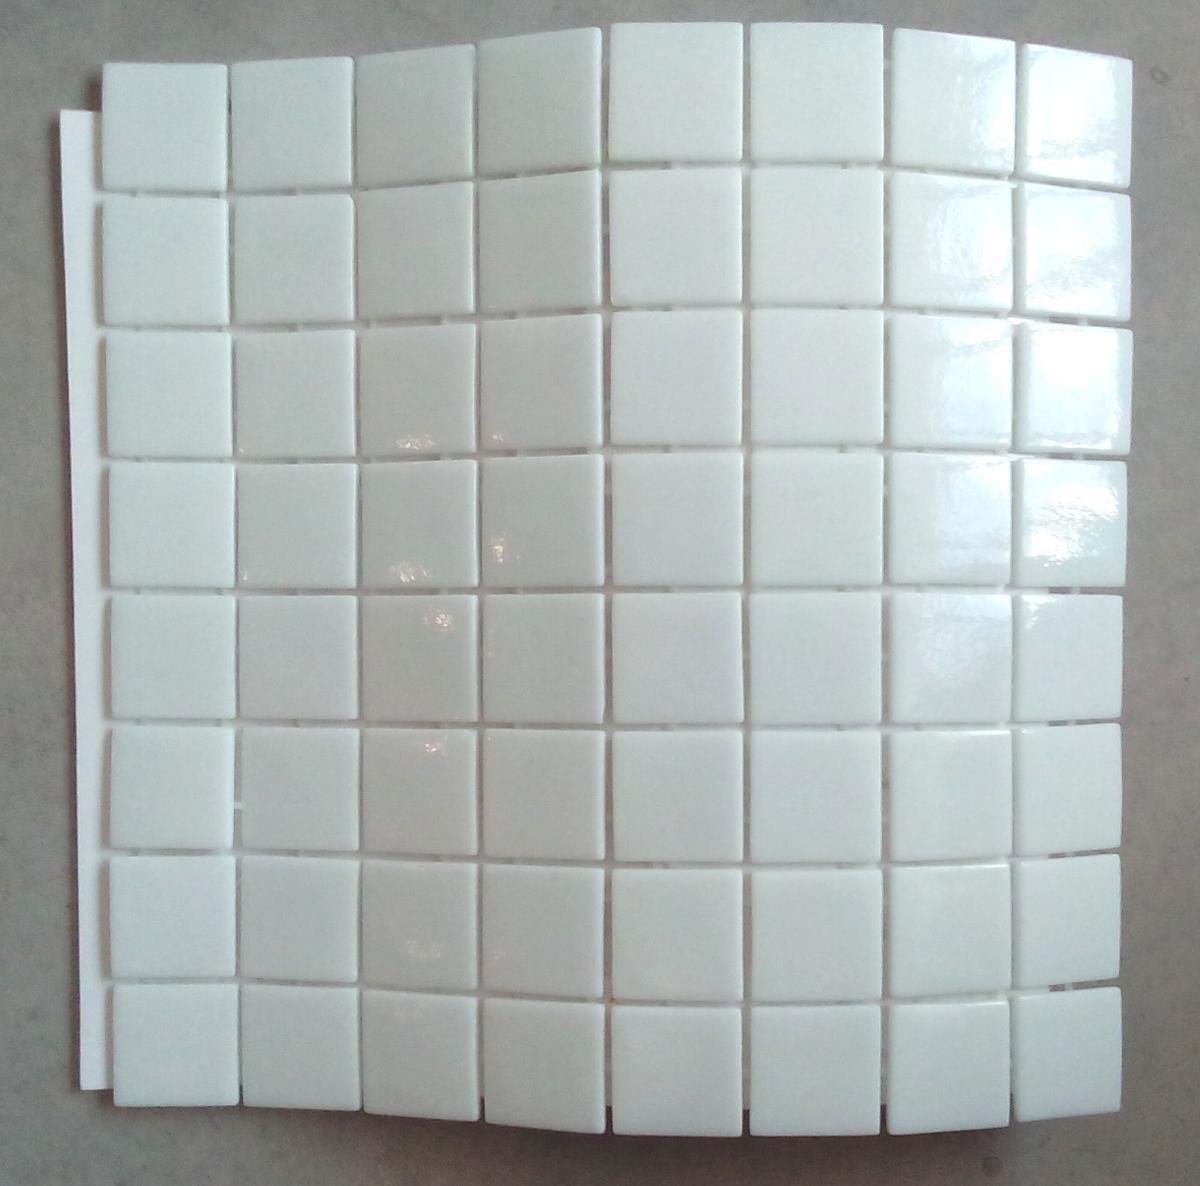 Carrelage Blanc se rapportant à mosaïque carrelage , blanc uni 4 cm par plaque - achat mosaïque